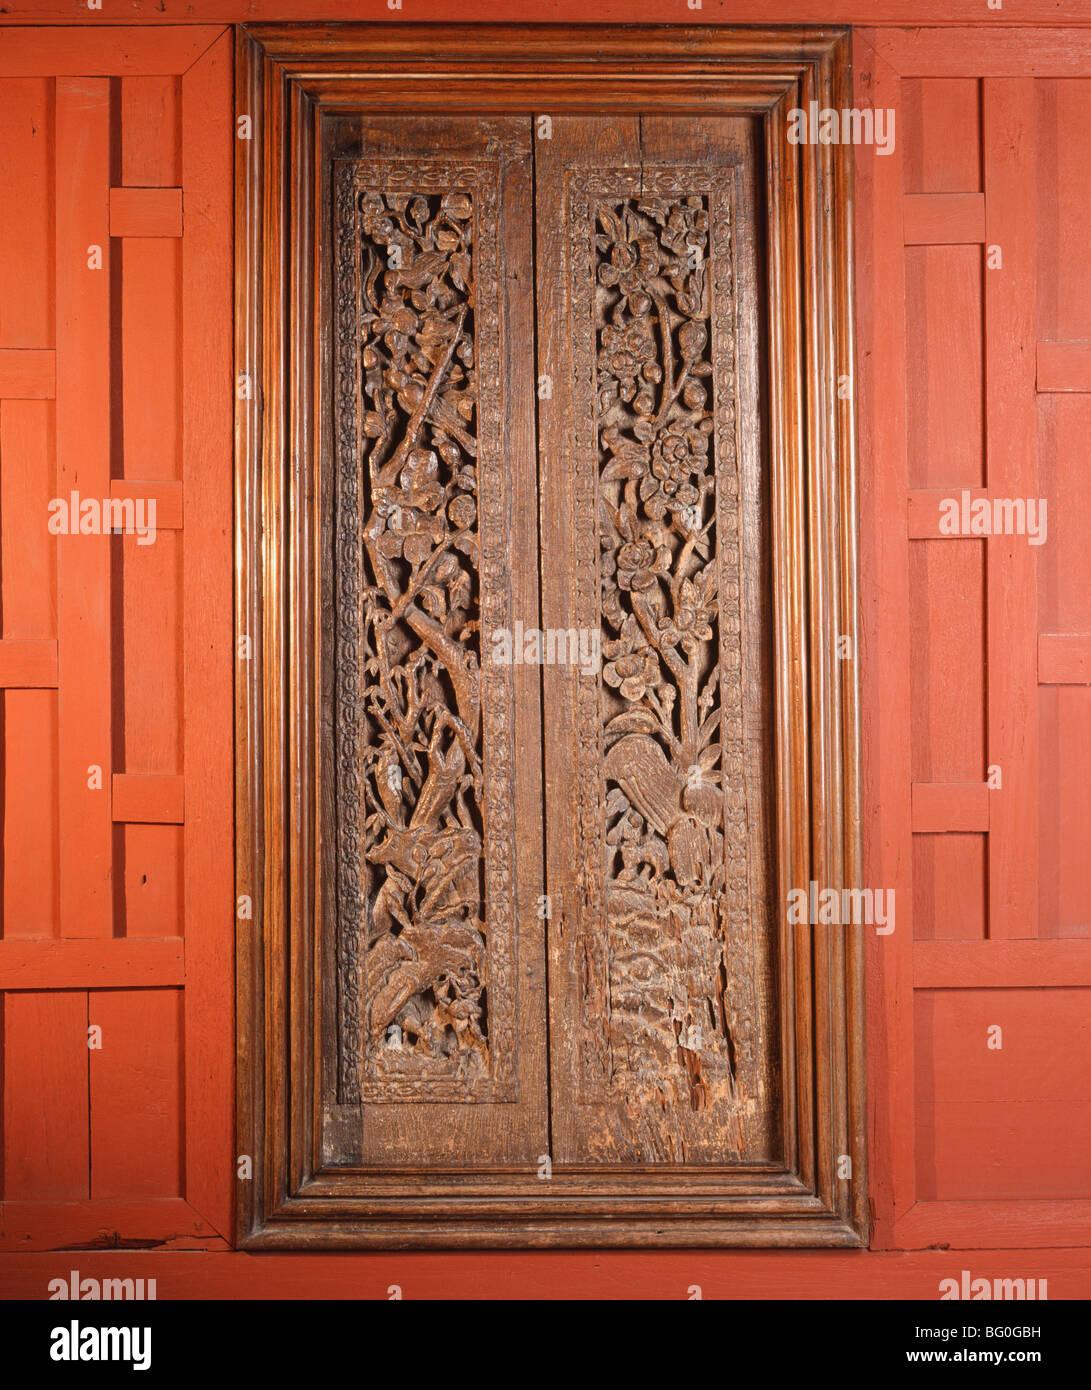 Dettaglio di teak massiccio porte, Jim Thompson's House, Bangkok, Thailandia, Sud-est asiatico, in Asia Immagini Stock